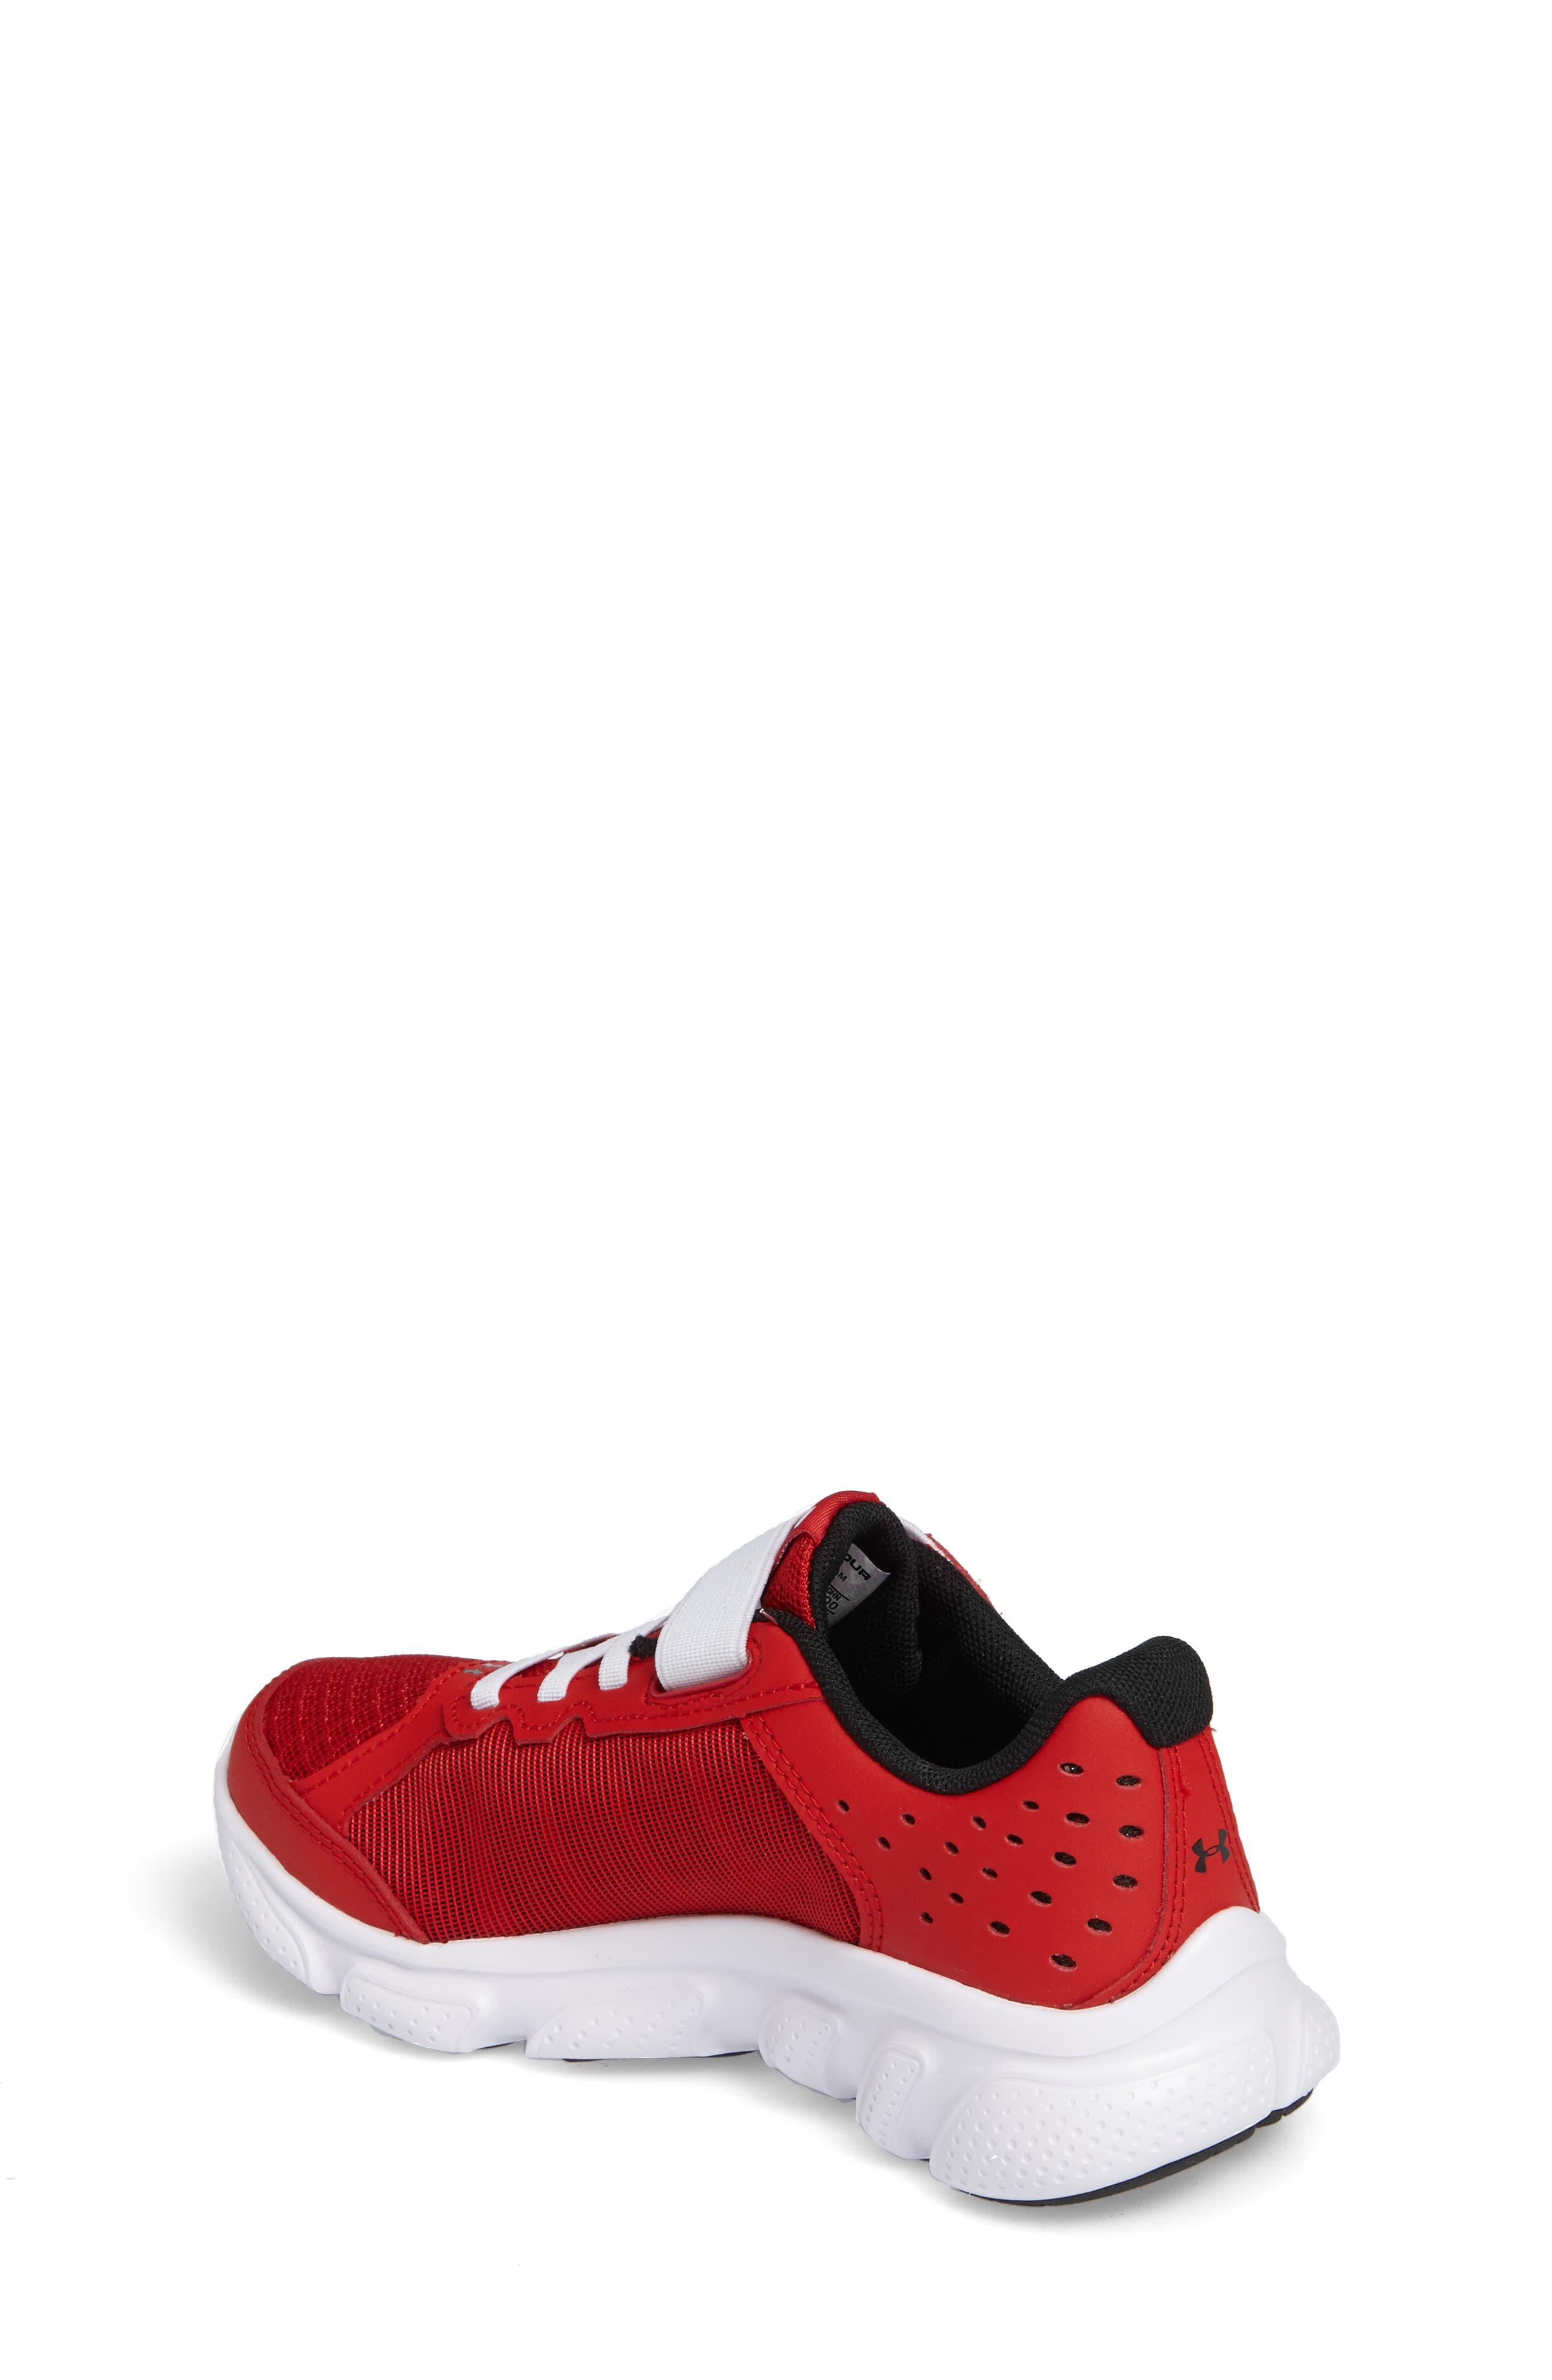 Alternate Image 2  - Under Armour 'Micro G® Assert VI' Running Shoe (Toddler & Little Kid)